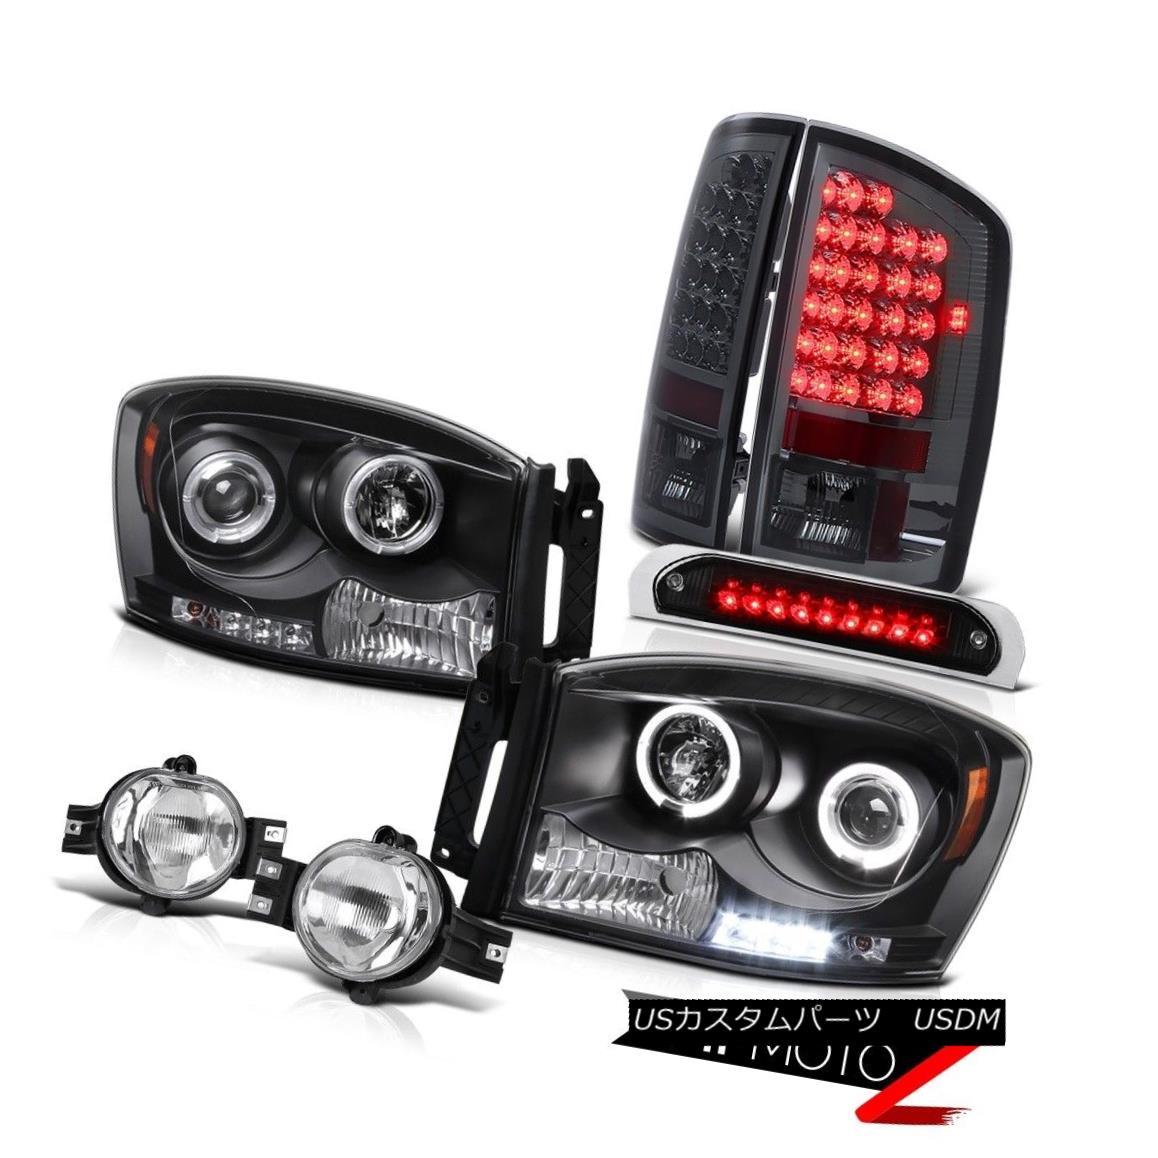 ヘッドライト 06 Ram V6 Black Headlights SMD Halo Tail Lights LED Tinted Driving Fog Roof Stop 06 Ram V6ブラックヘッドライトSMD HaloテールライトLED Tinted Driving Fog Roof Stop